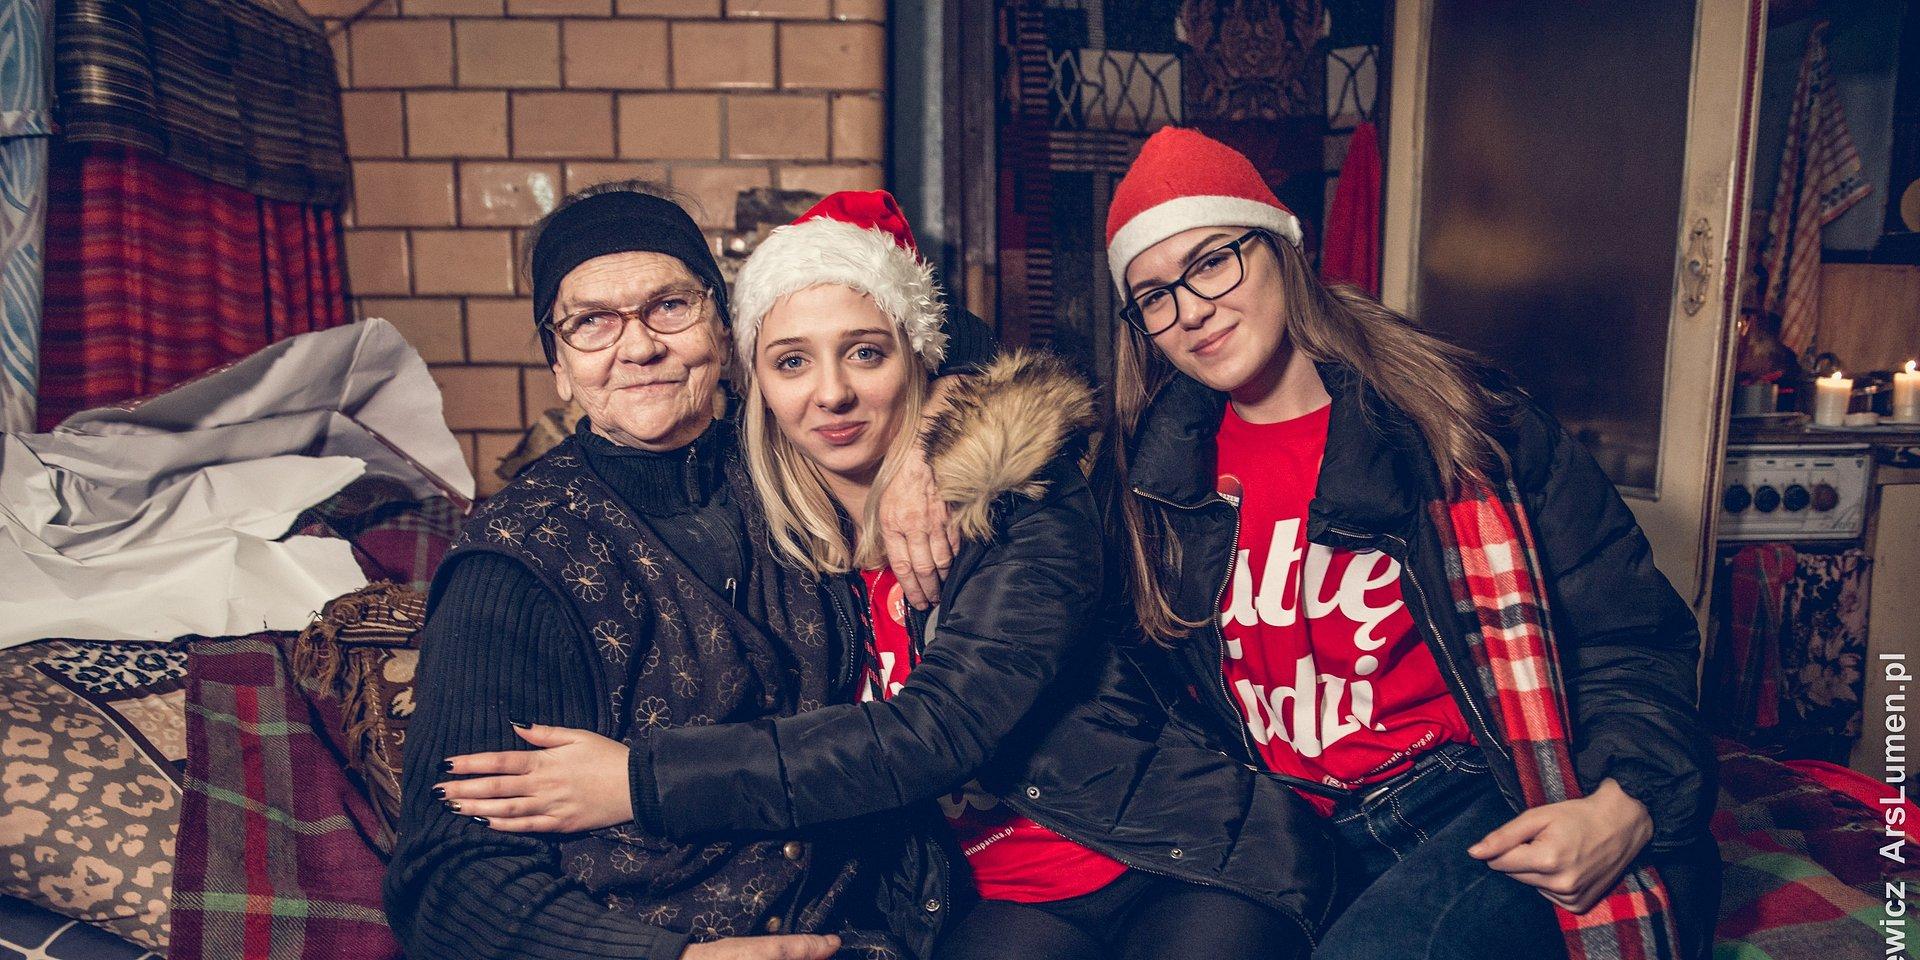 Szlachetna Paczka pomogła w tym roku ponad 14,5 tys. rodzin. Weekend Cudów za nami, ale to nie koniec szlachetnej pomocy